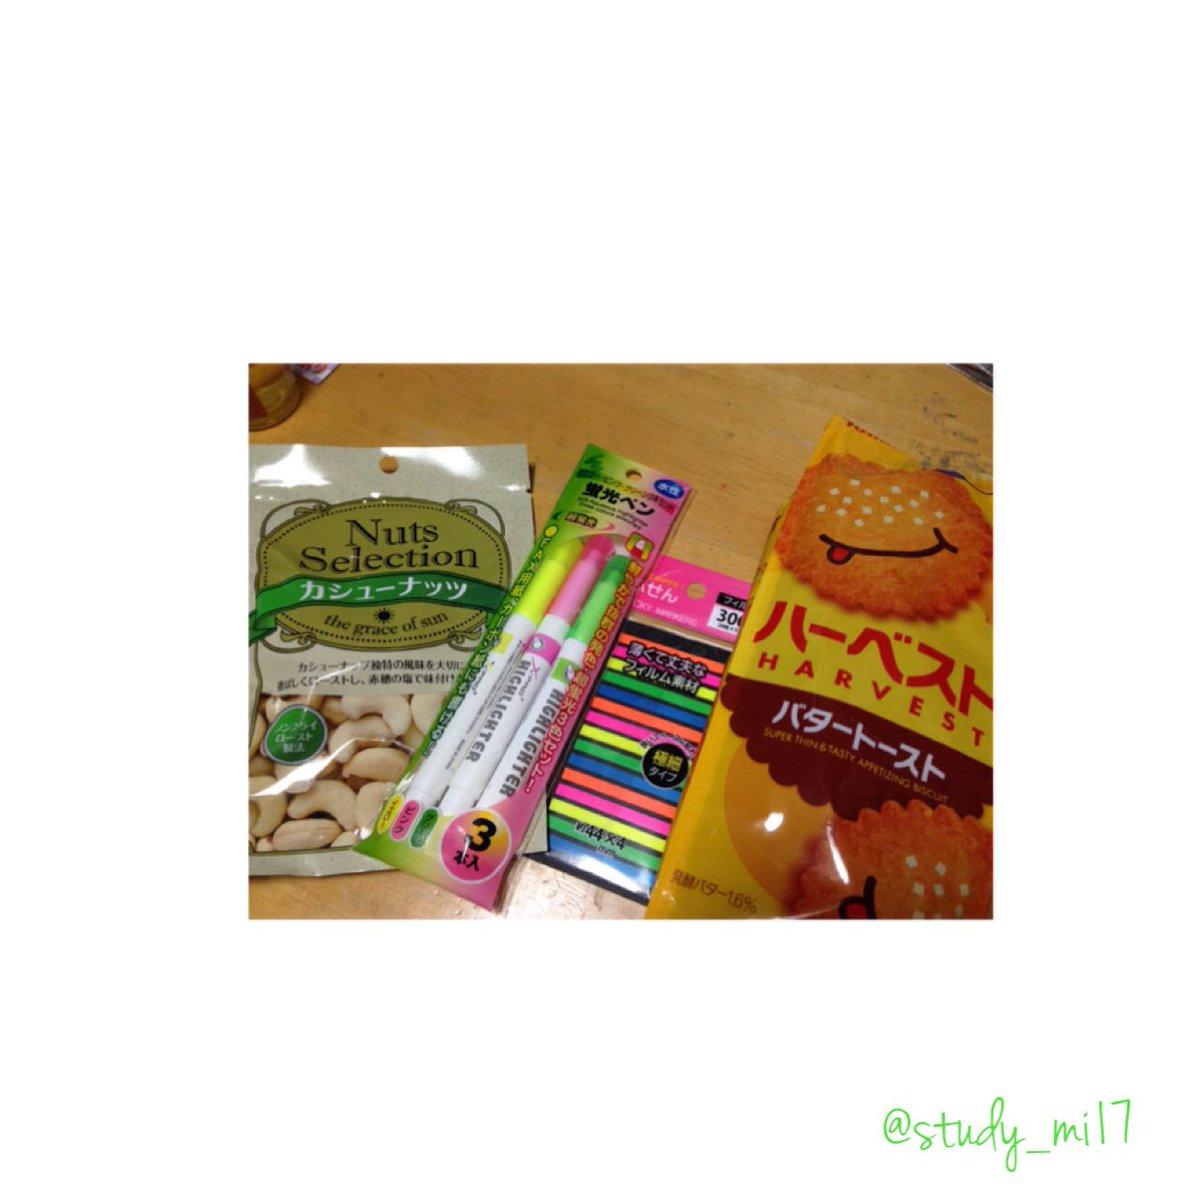 test ツイッターメディア - 今日買ってきた♪ カシューナッツ美味しいよね 大好き??  #勉強道具 #ダイソー #カシューナッツ  #勉強垢さんと繋がりたい https://t.co/HHS7XKYbA2